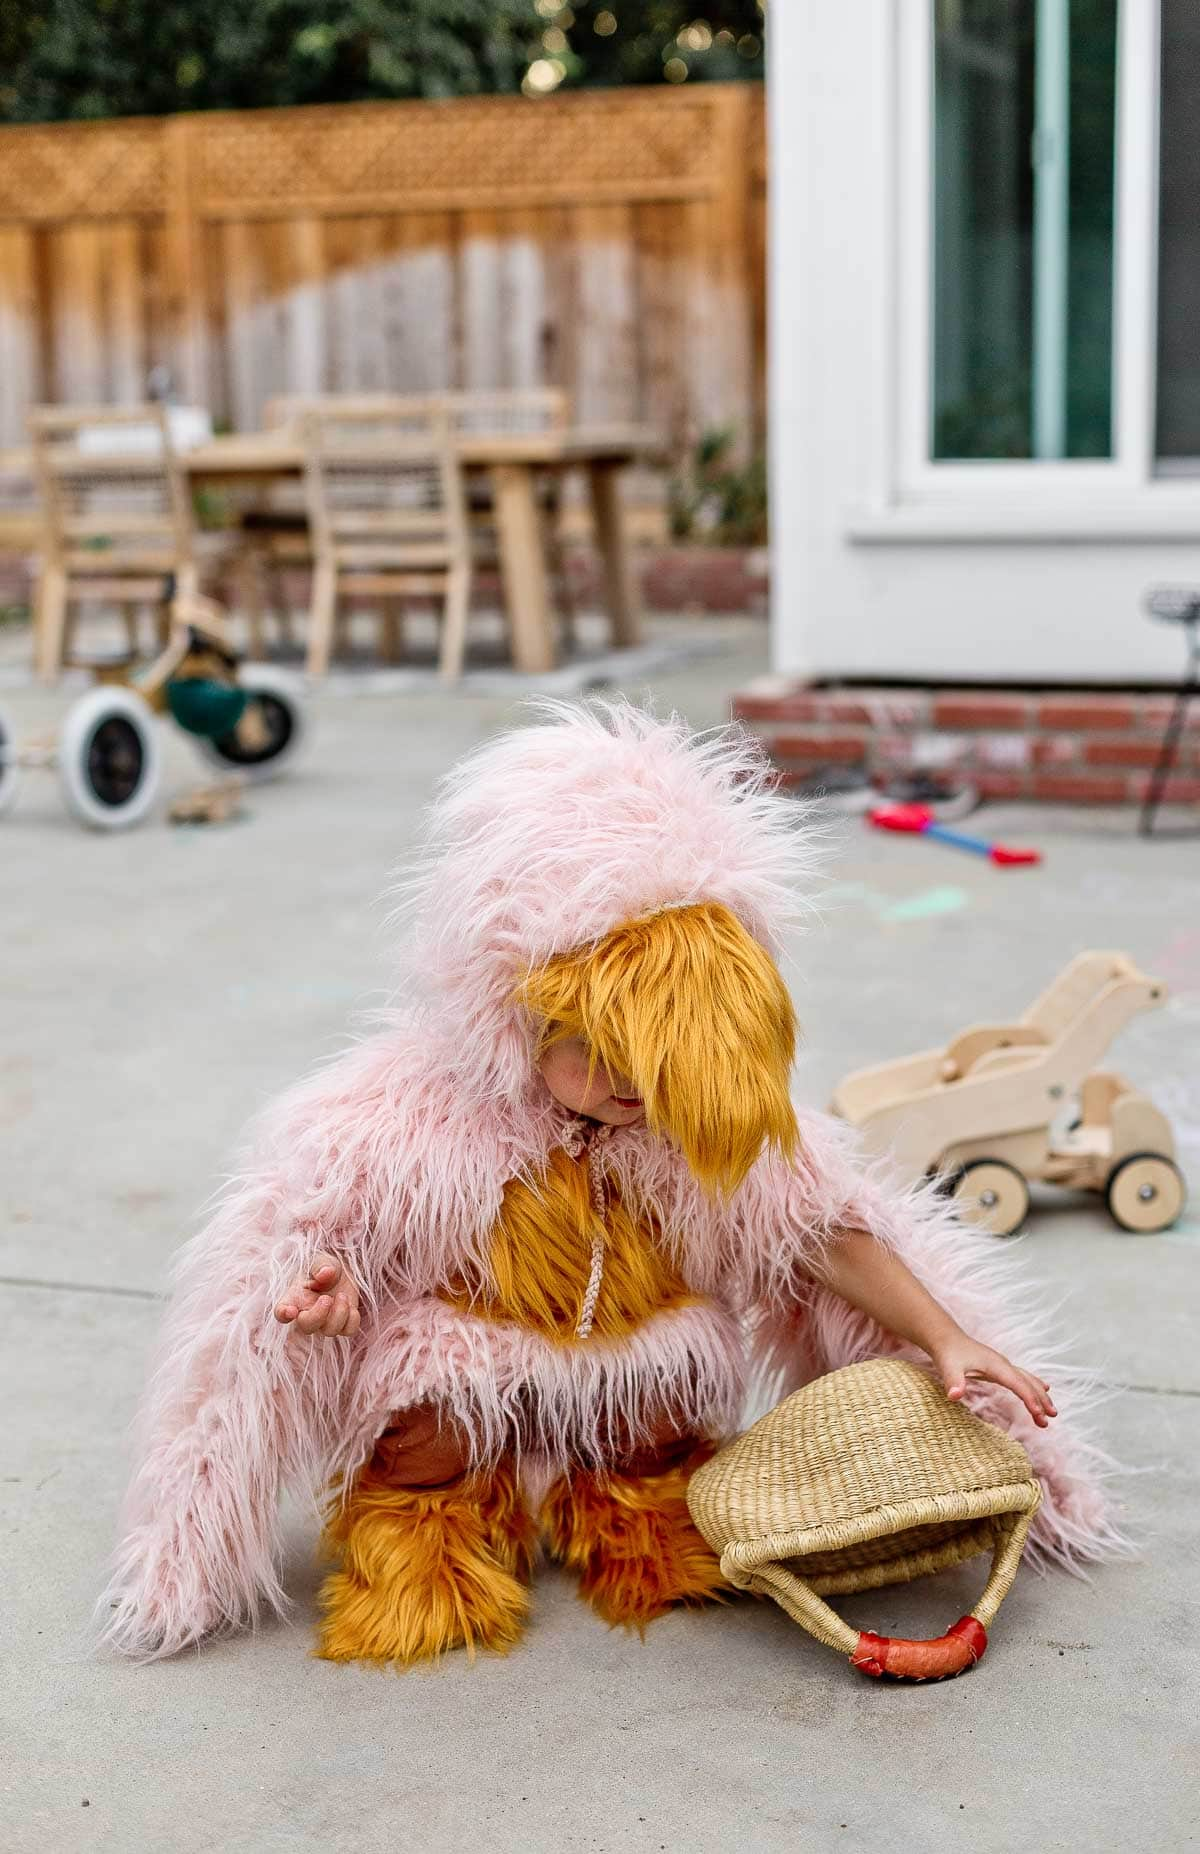 Child wearing handmade bird costume, playing in the backyard.